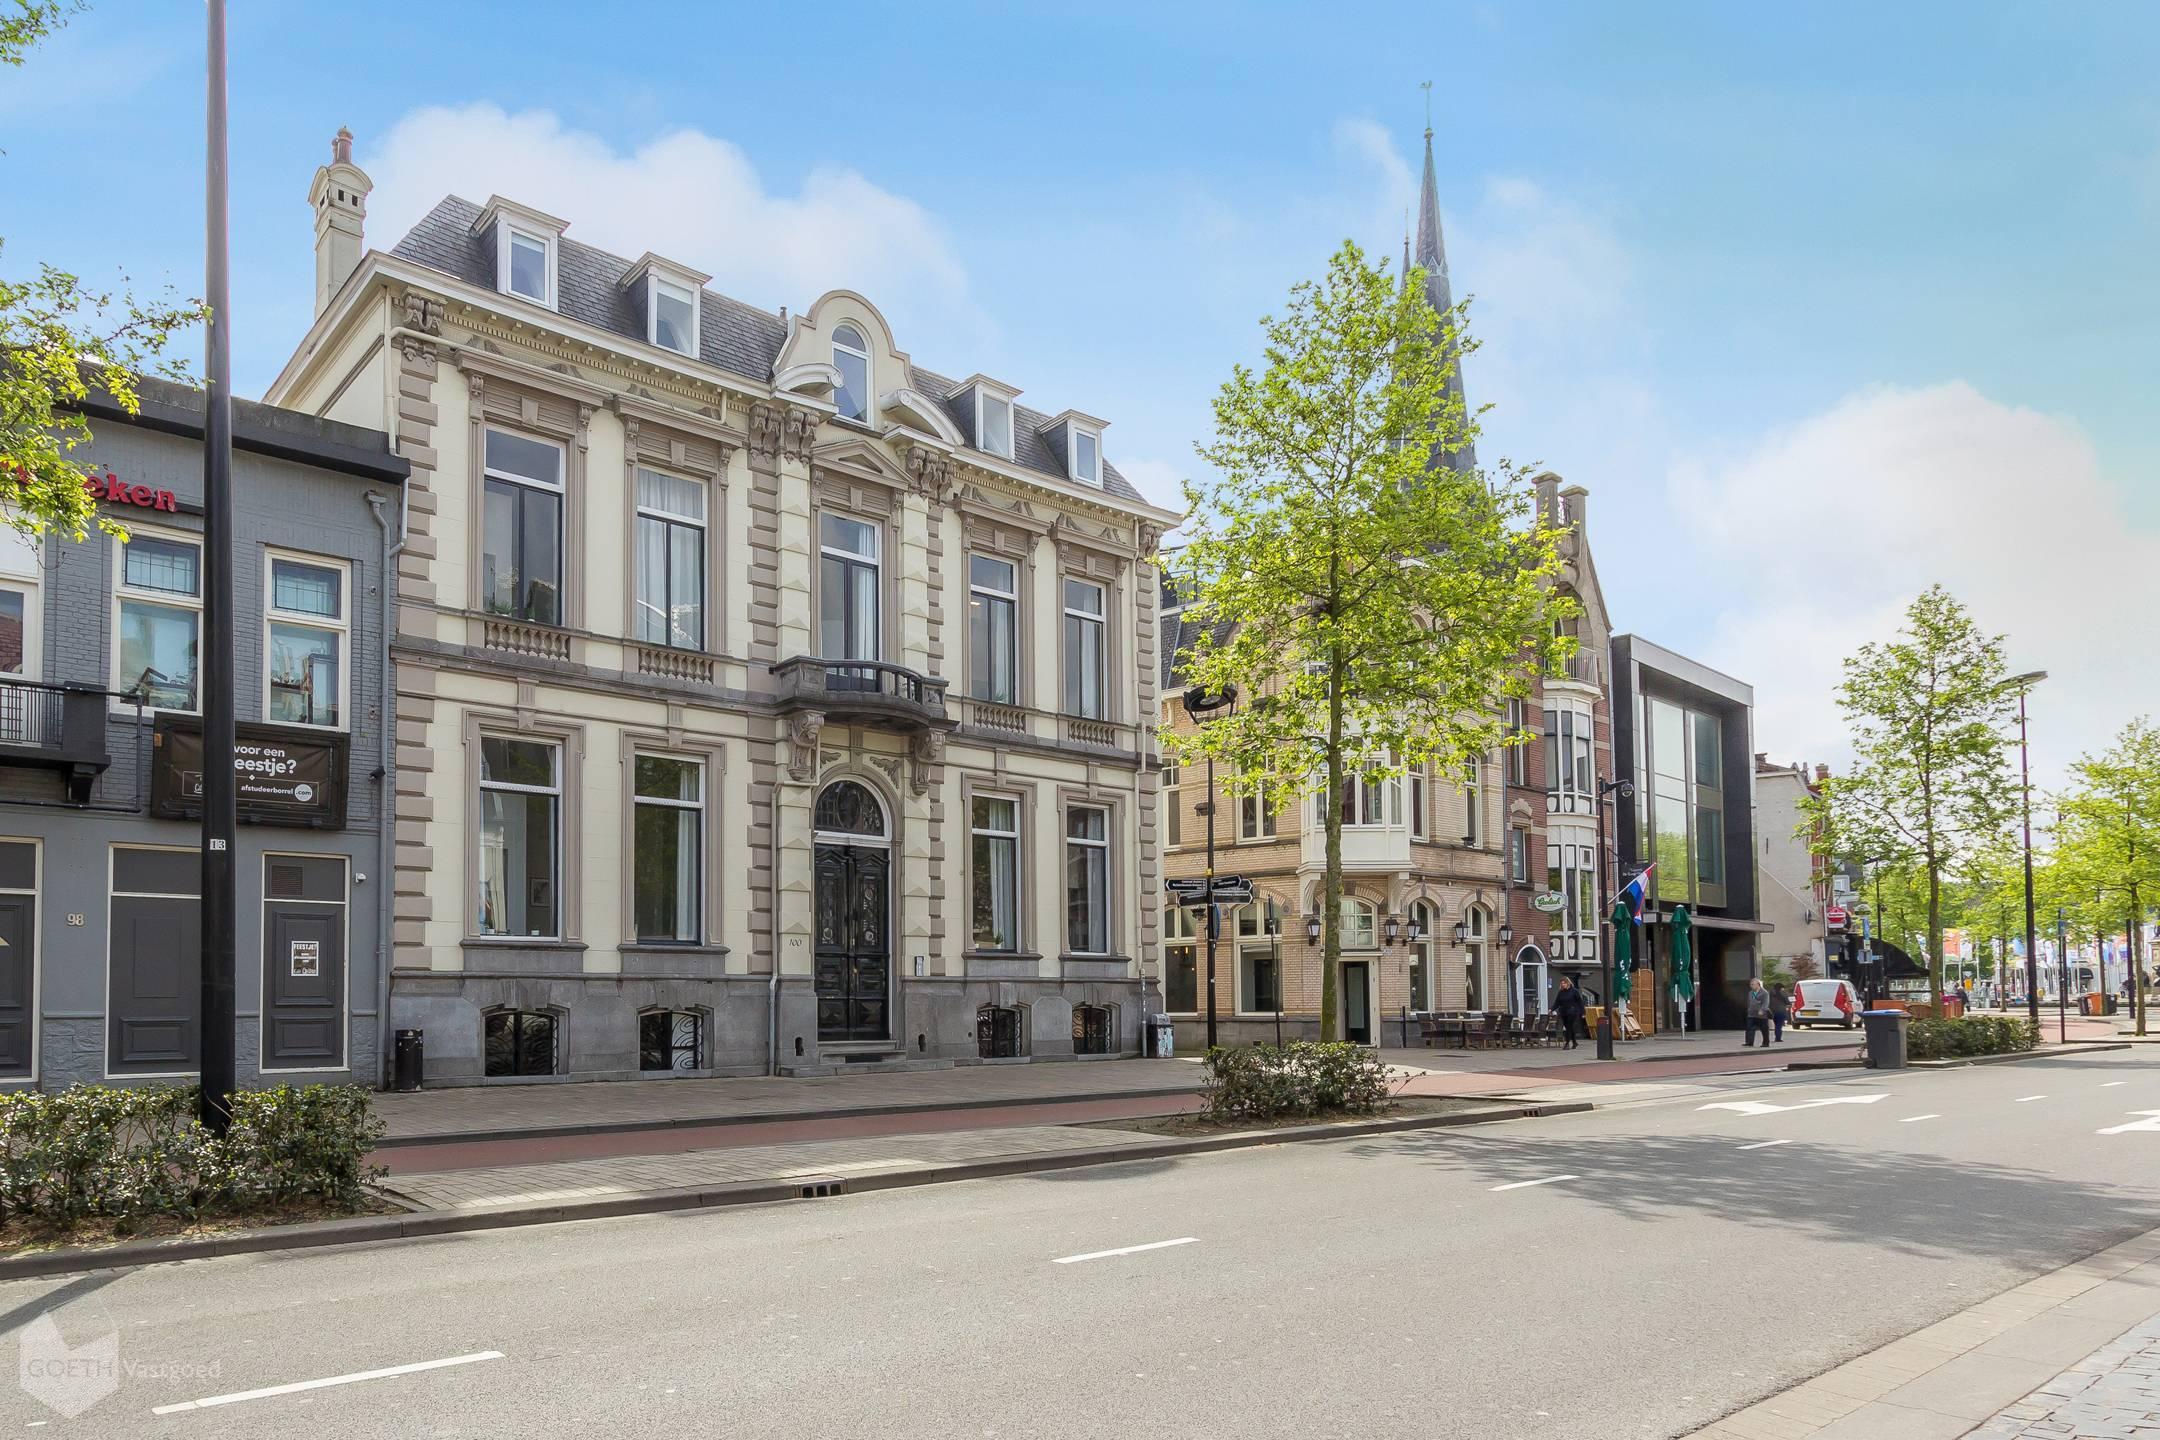 Heuvelring, Tilburg